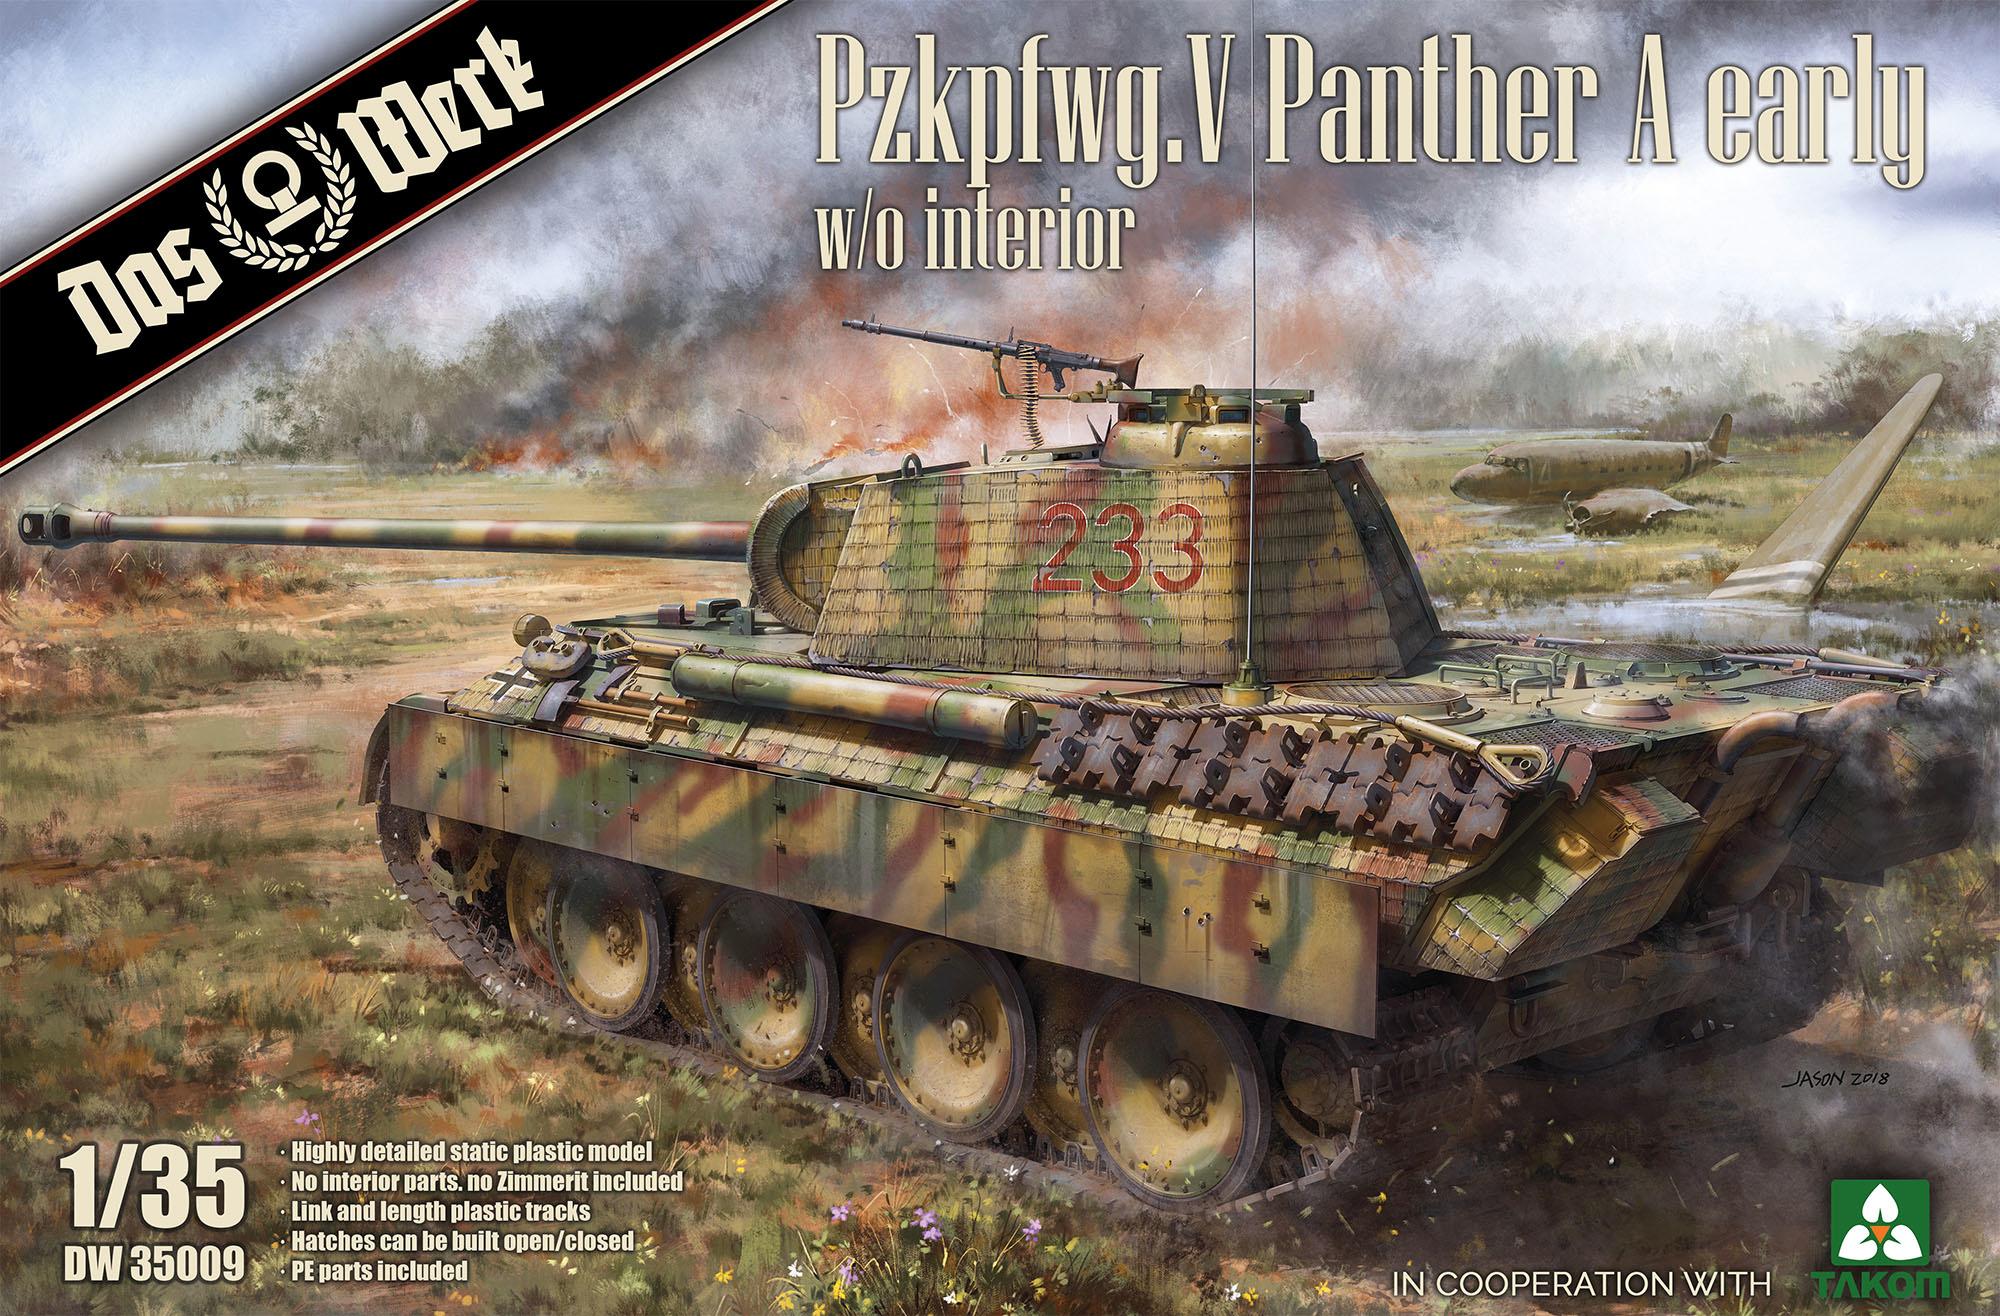 Das Werk Pzkpfwg. V Panther A early - Scale 1/35 - Das Werk - DW35009